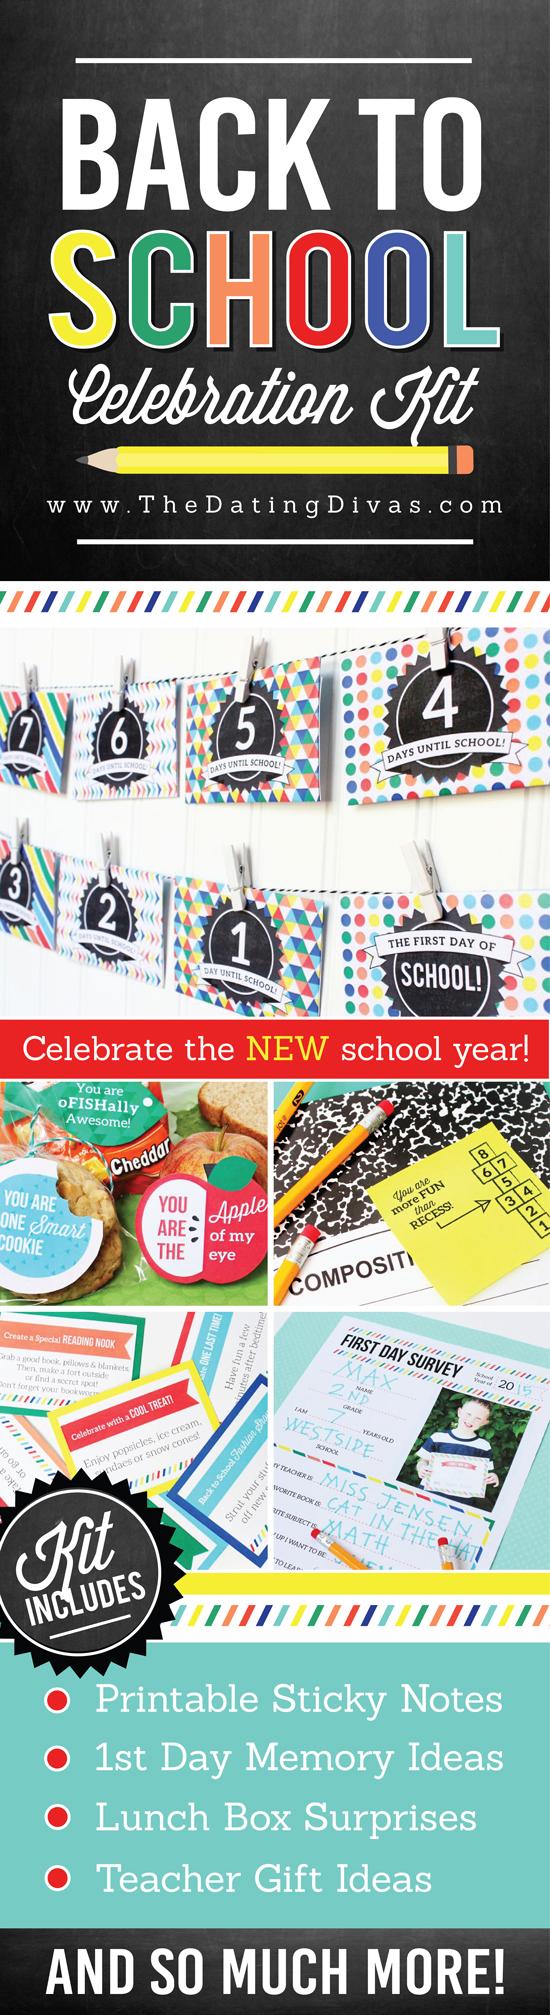 Back to School Celebration Kit